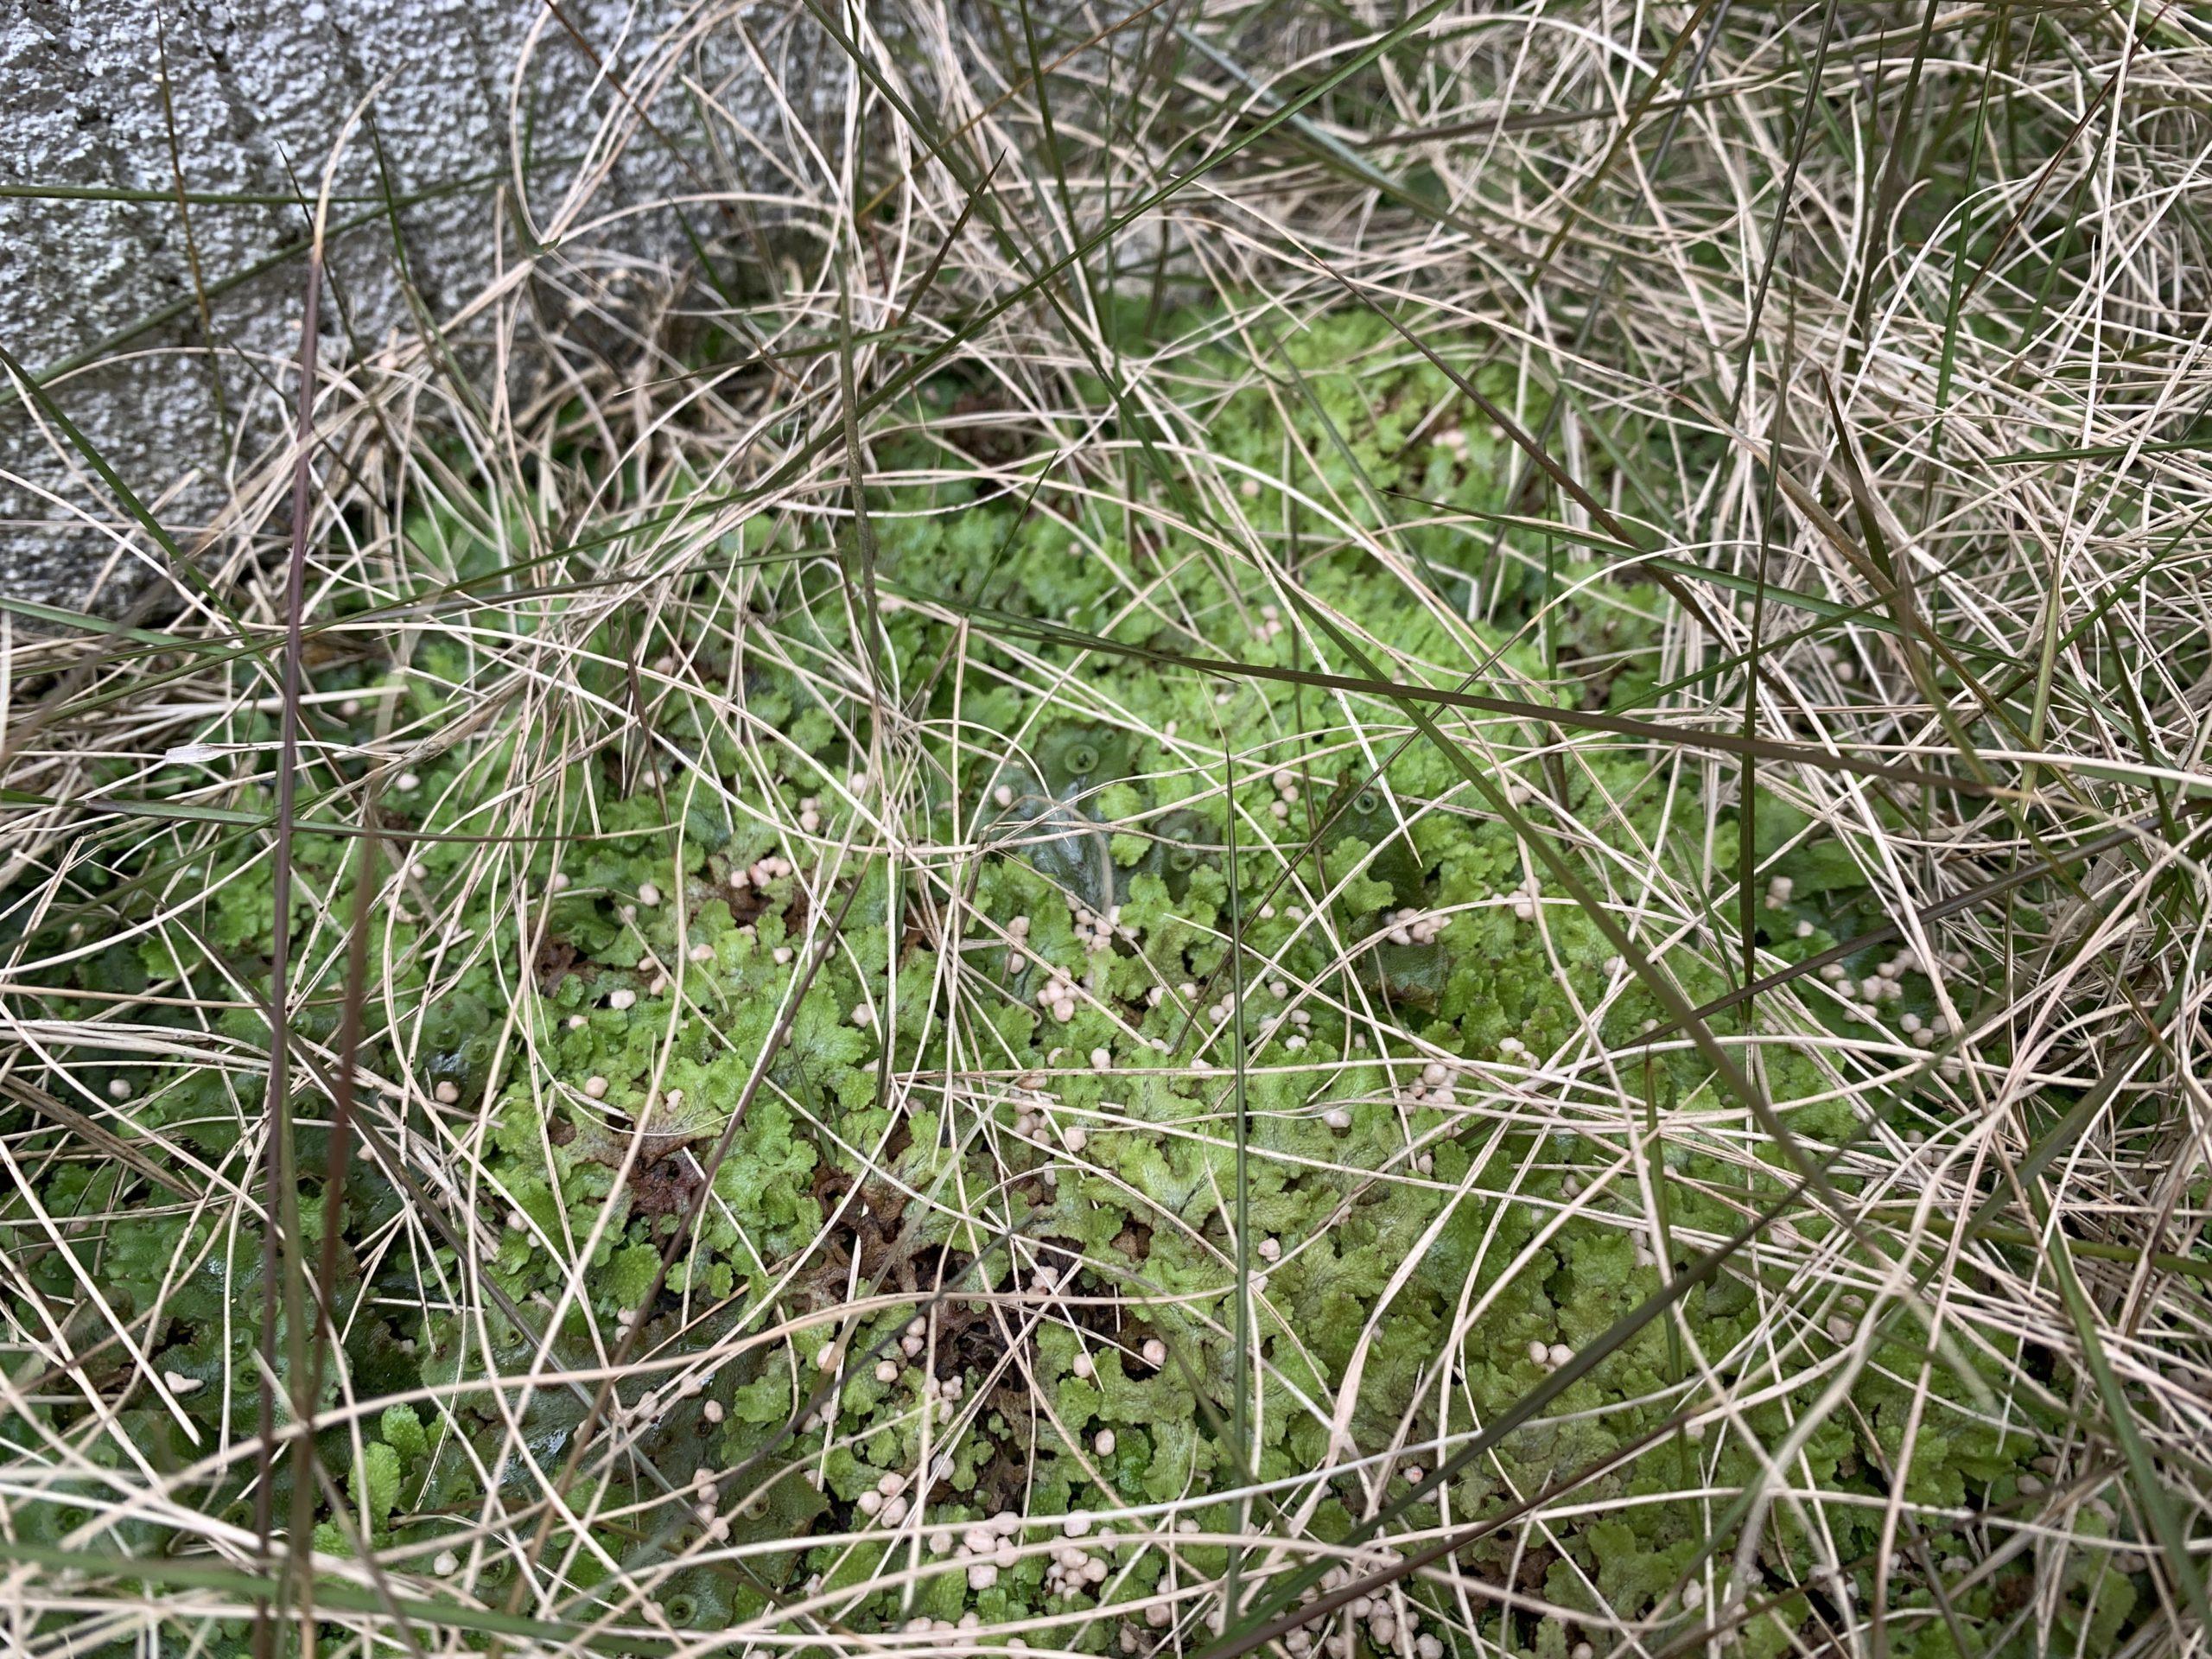 芝生のコケ駆除には?シバキーププラスαとエース液剤の効果は?